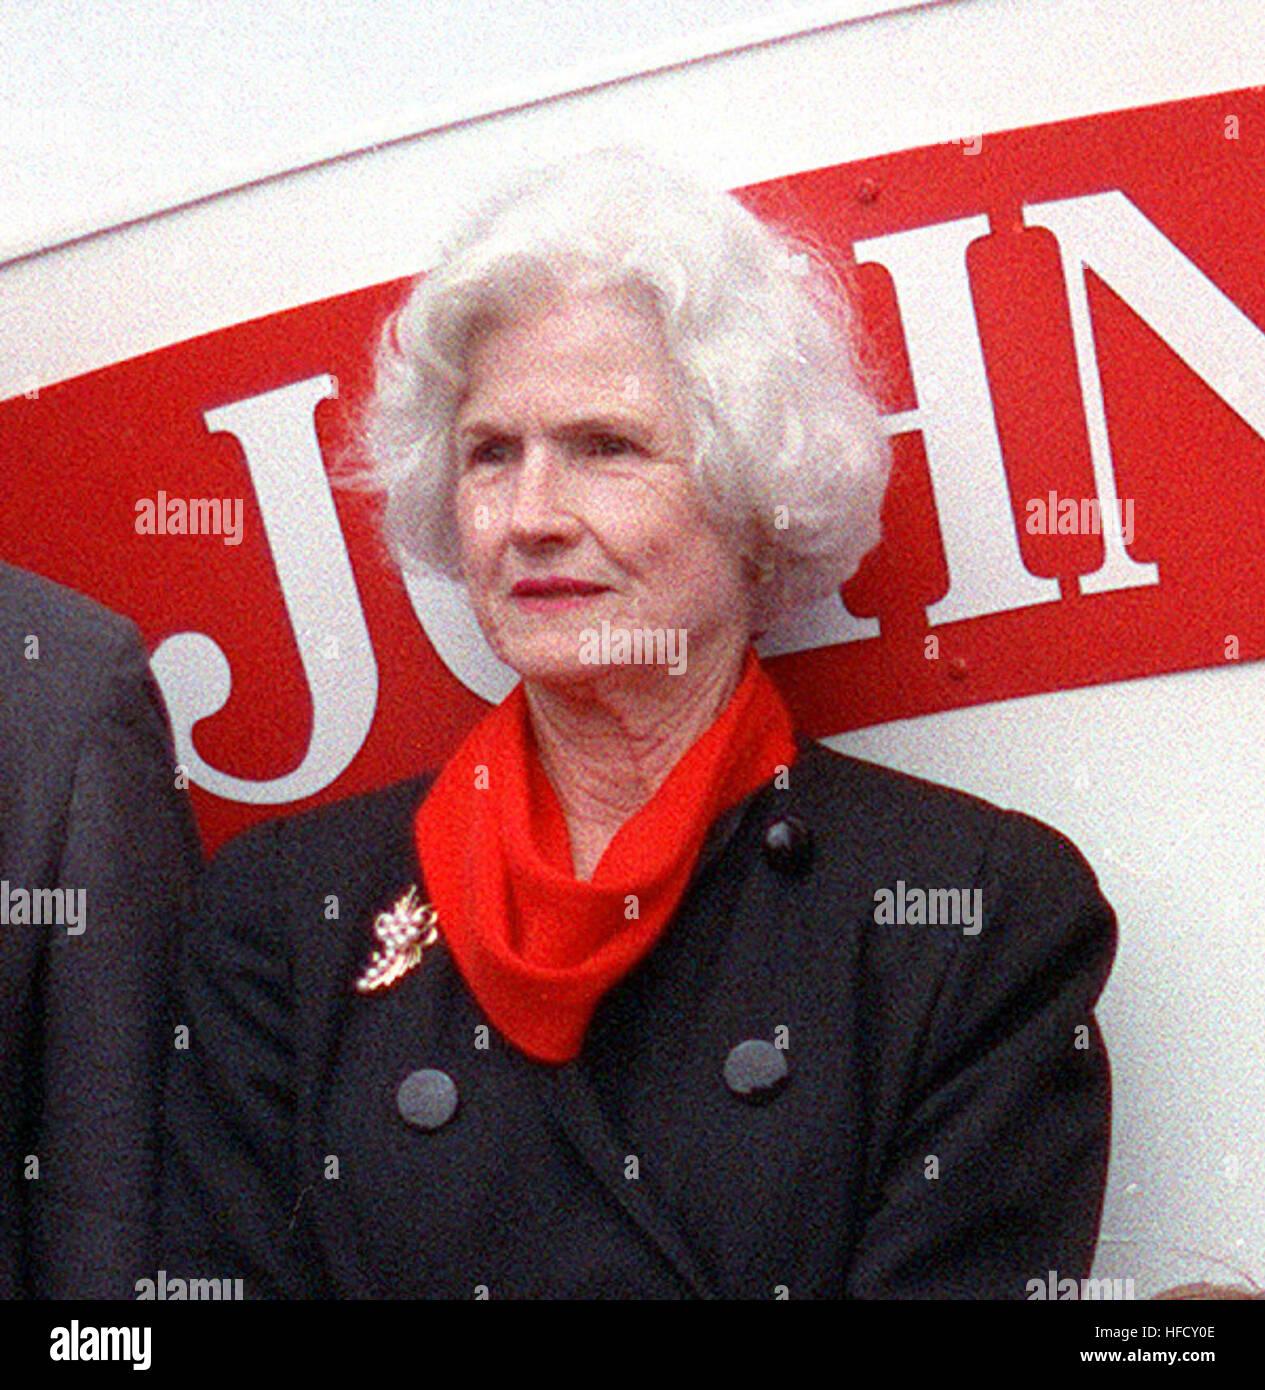 Cindy Mccain And Meghan Mccain Stockfotos & Cindy Mccain